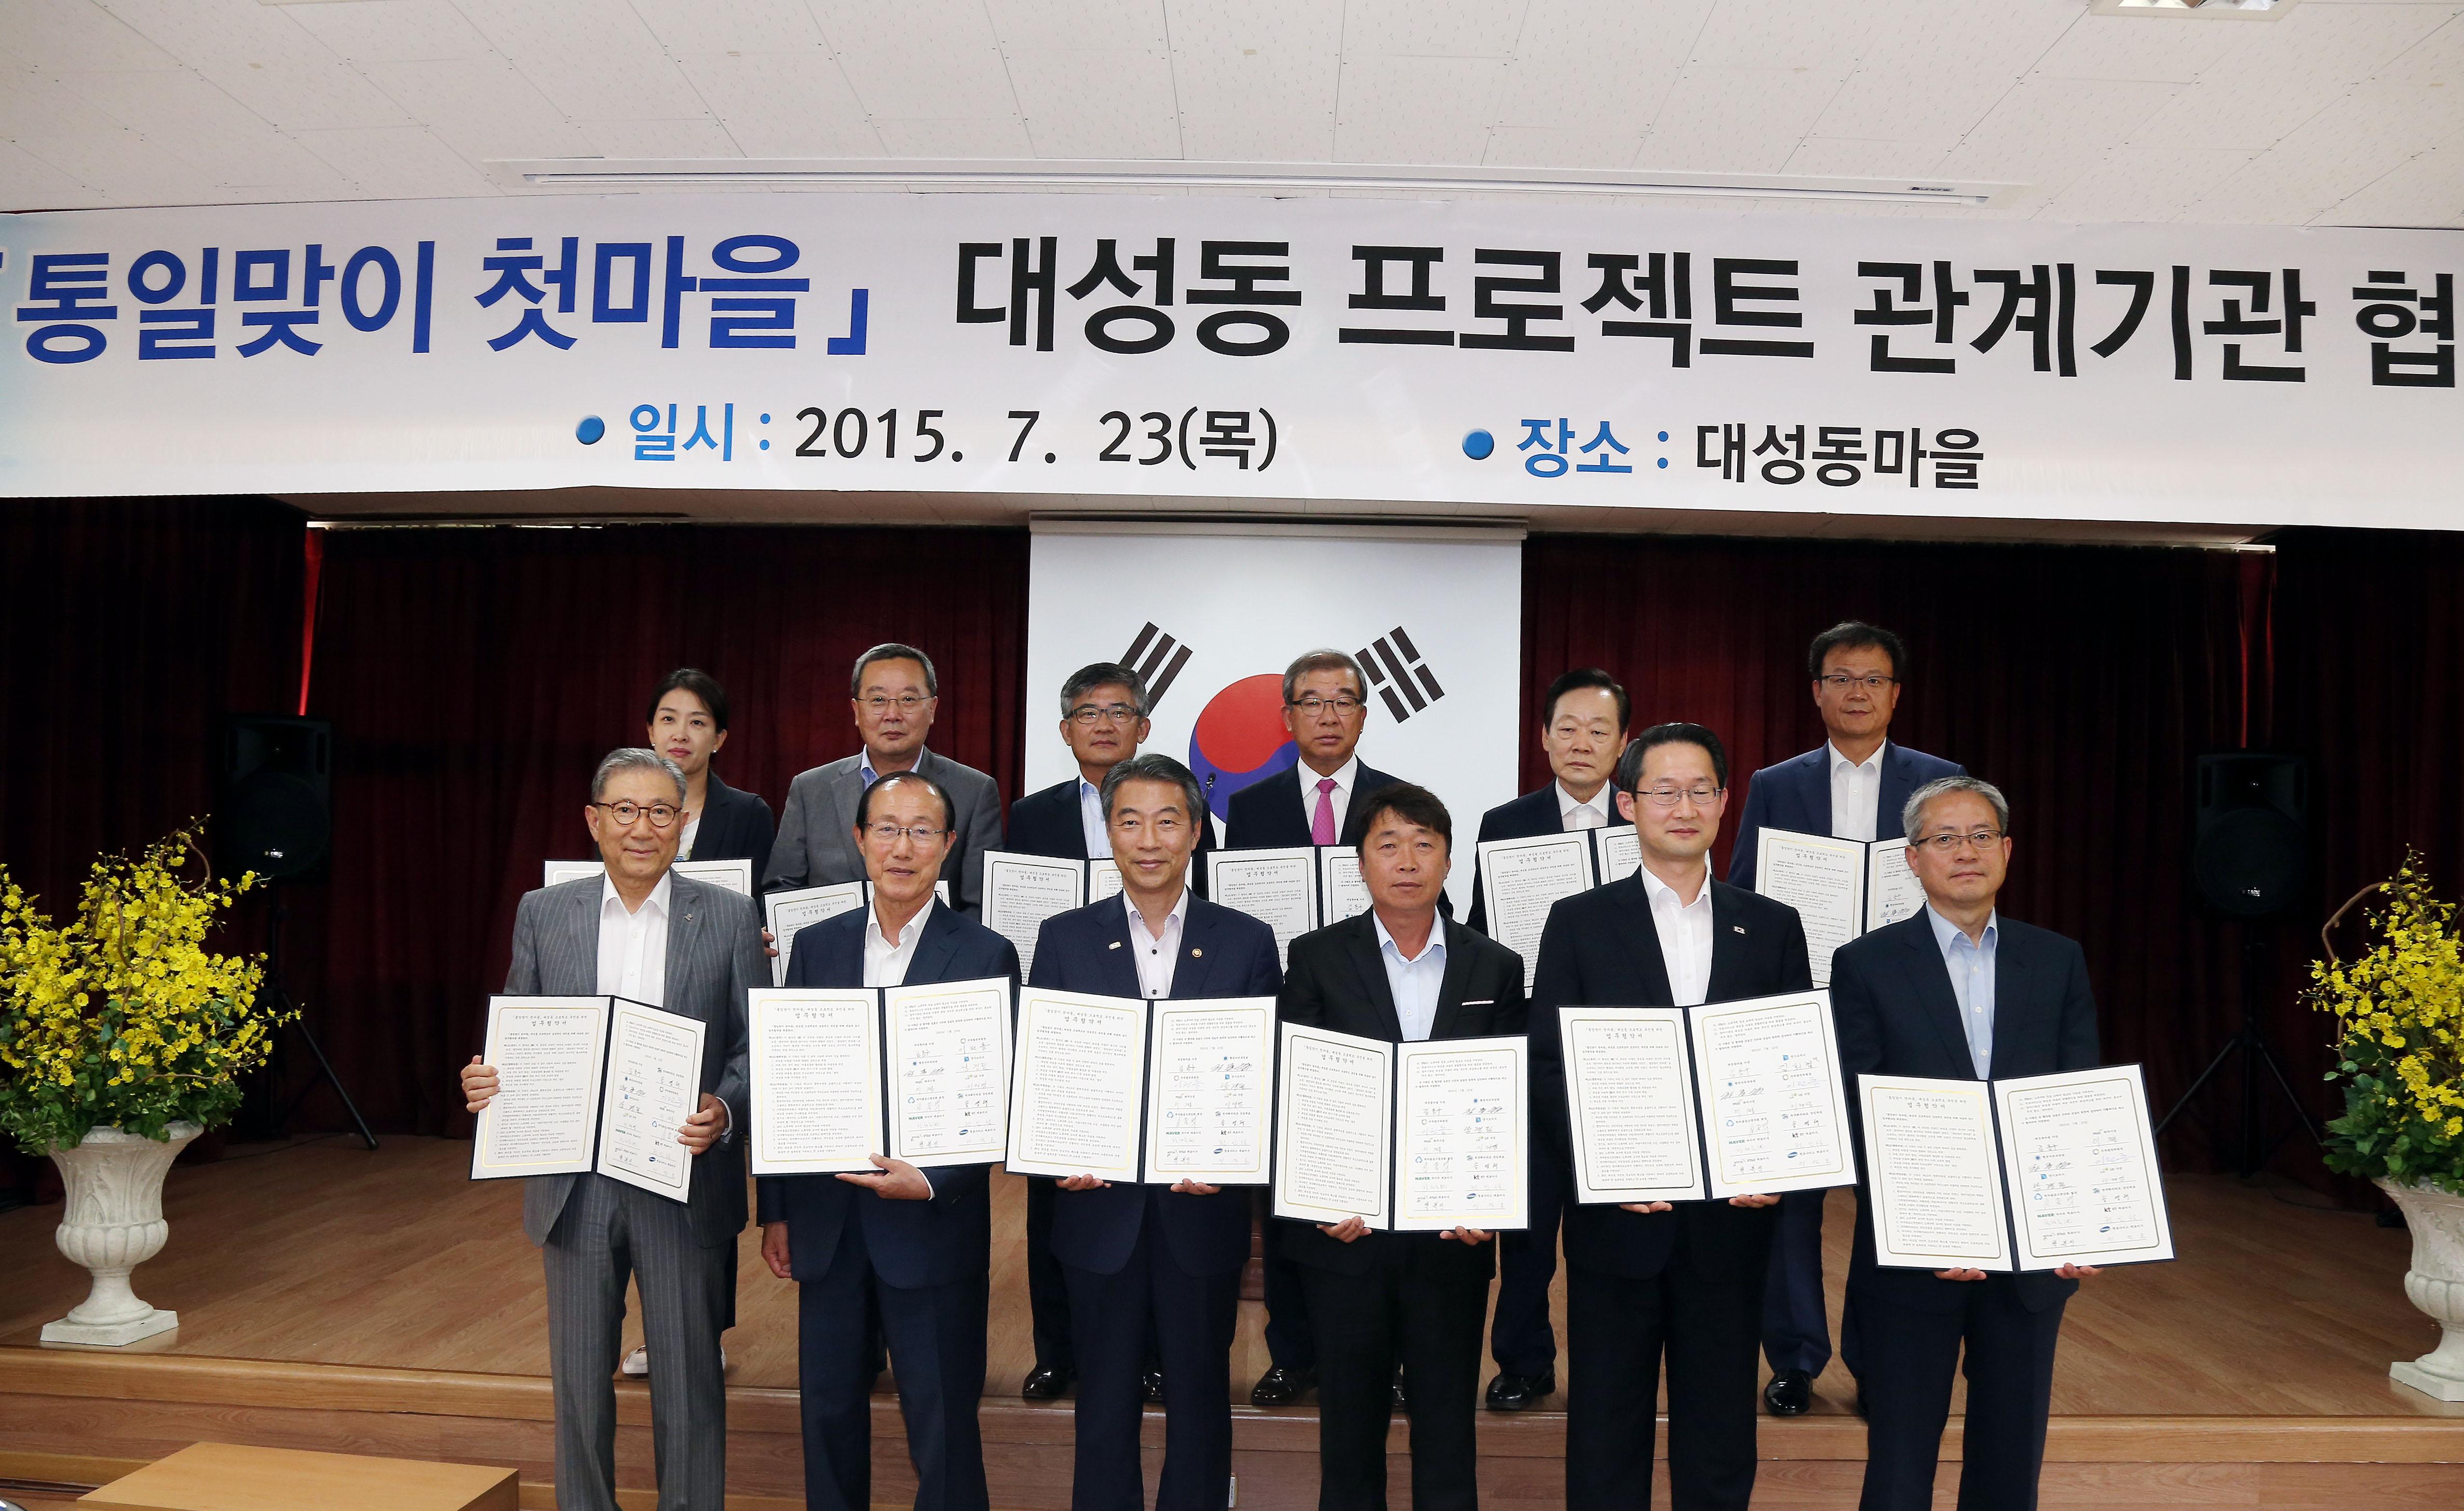 7.23 대성동마을 프로젝트 협약식 소식